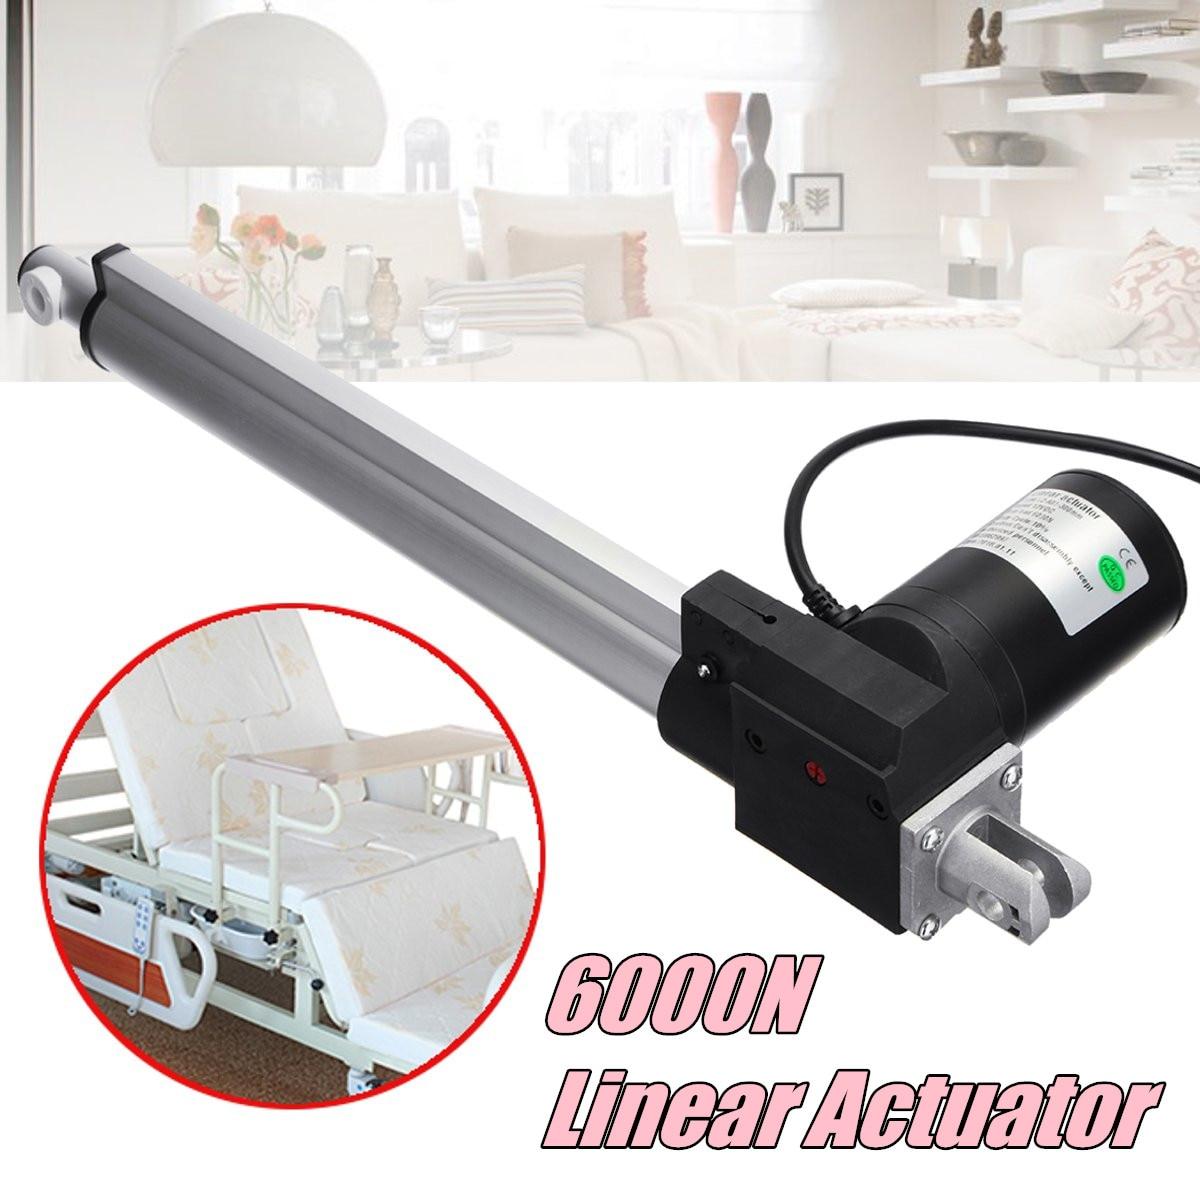 Линейный привод трубчатый DC12V 300 мм/12 дюймов ход тяжелых 6000N нагрузка электрический линейный привод линейные приводы